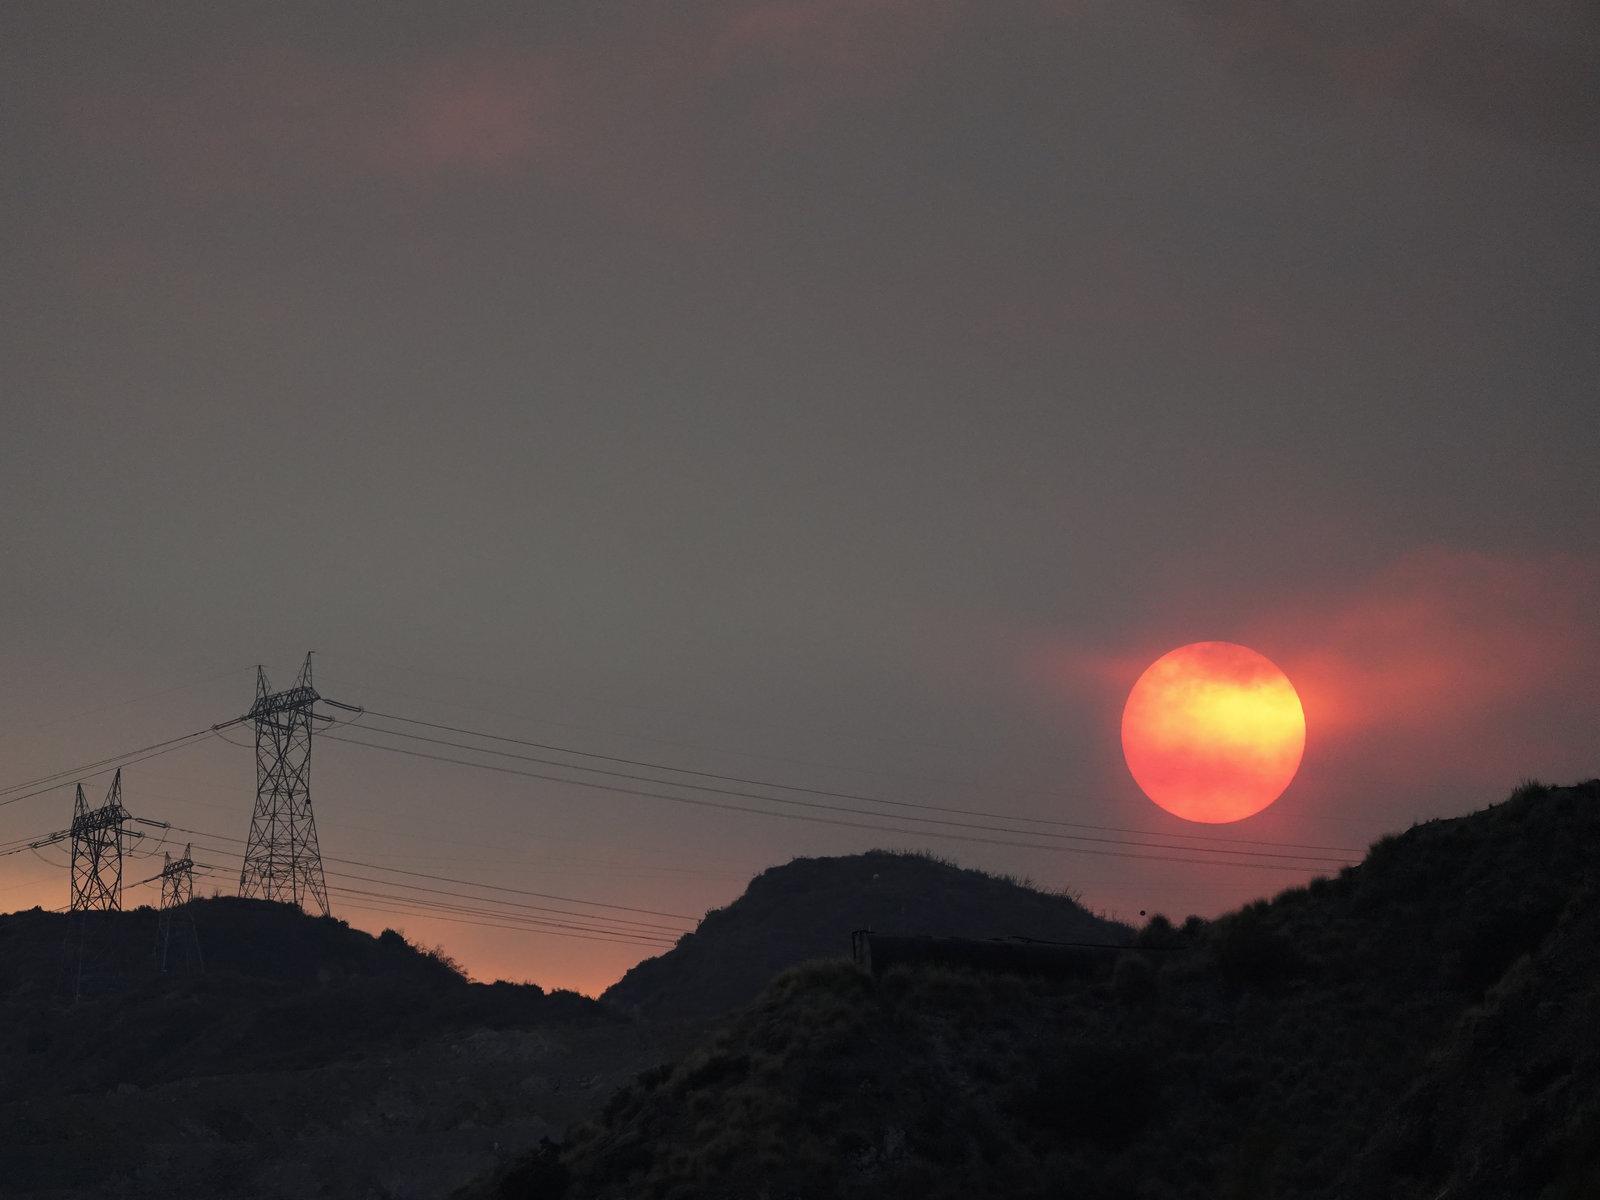 热浪炙烤美国西部,加州自2001年以来首次实行轮流停电